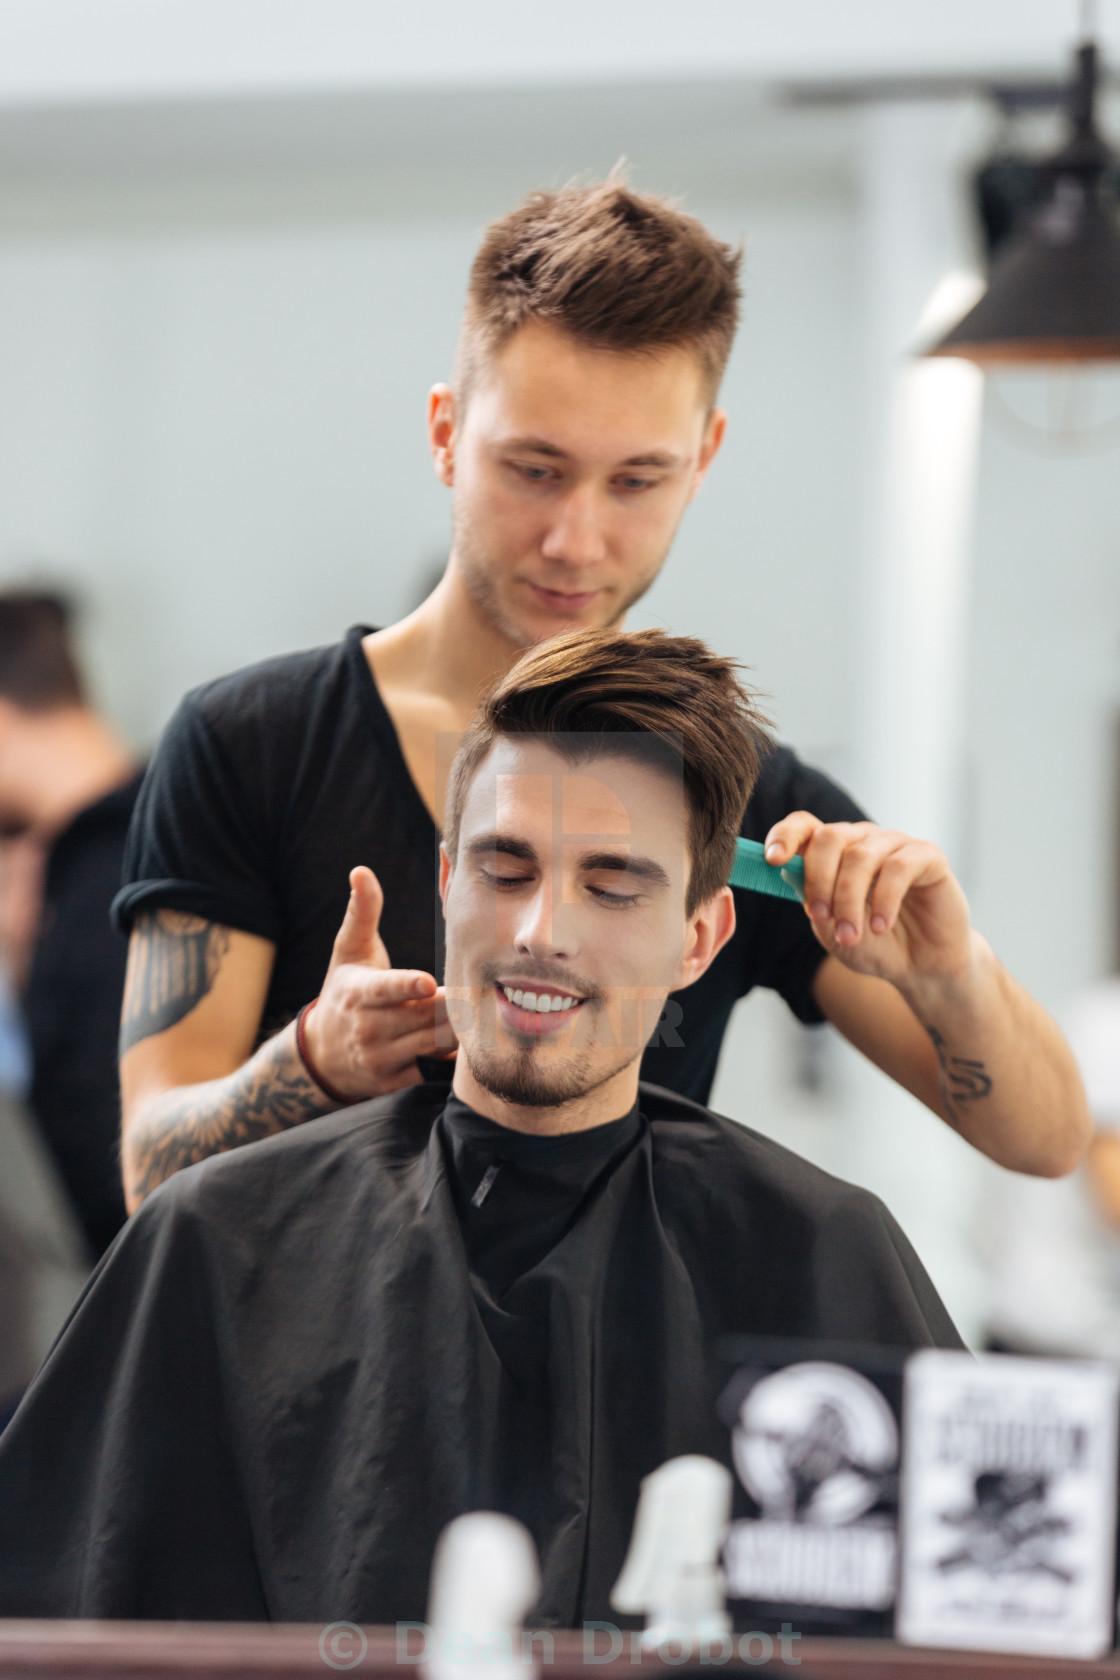 Getting A Haircut 92